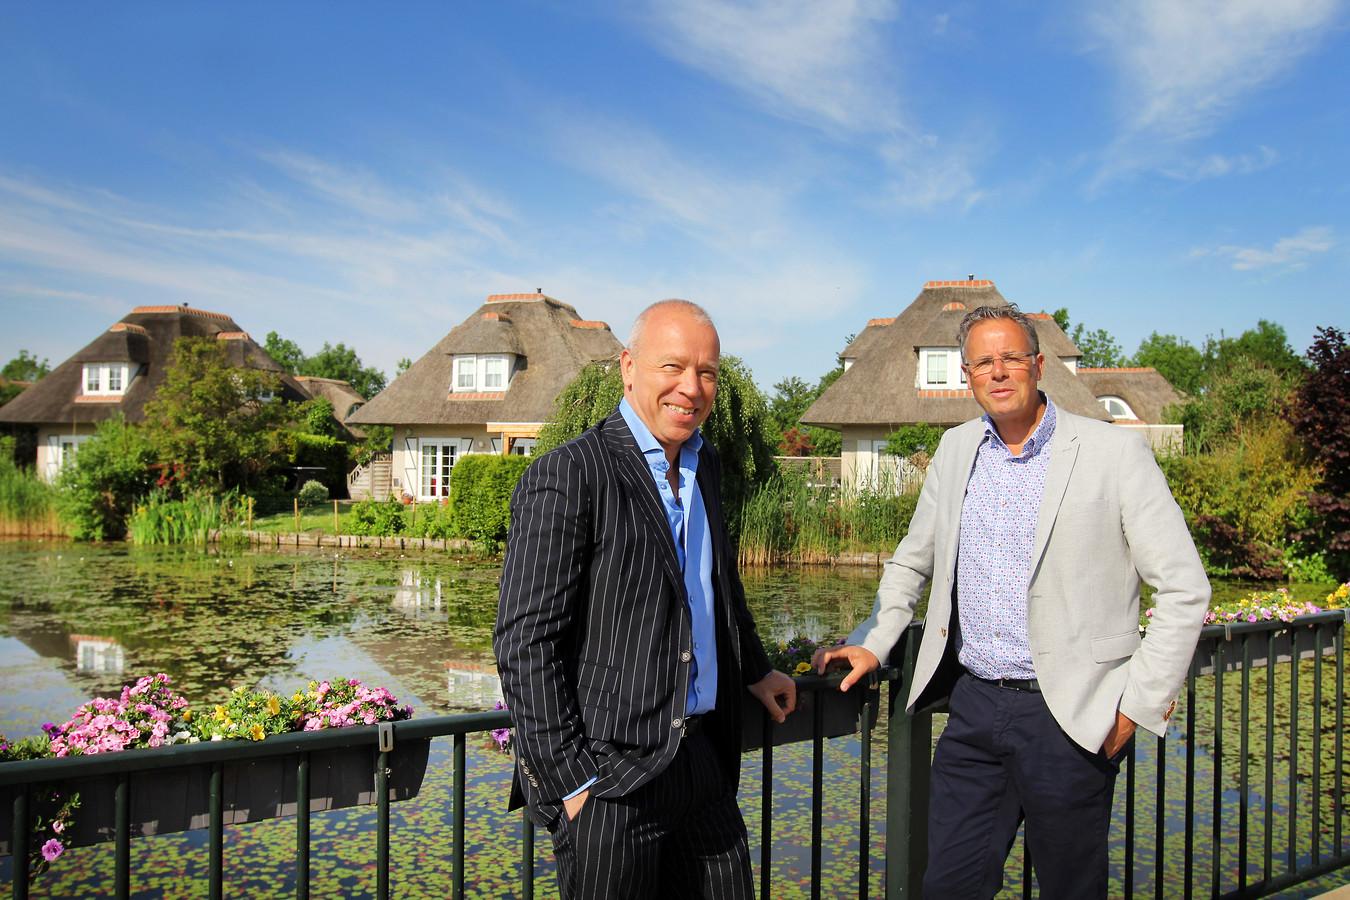 Città-directeur Johan Janzen en Alex Sievers van Beyond Now.